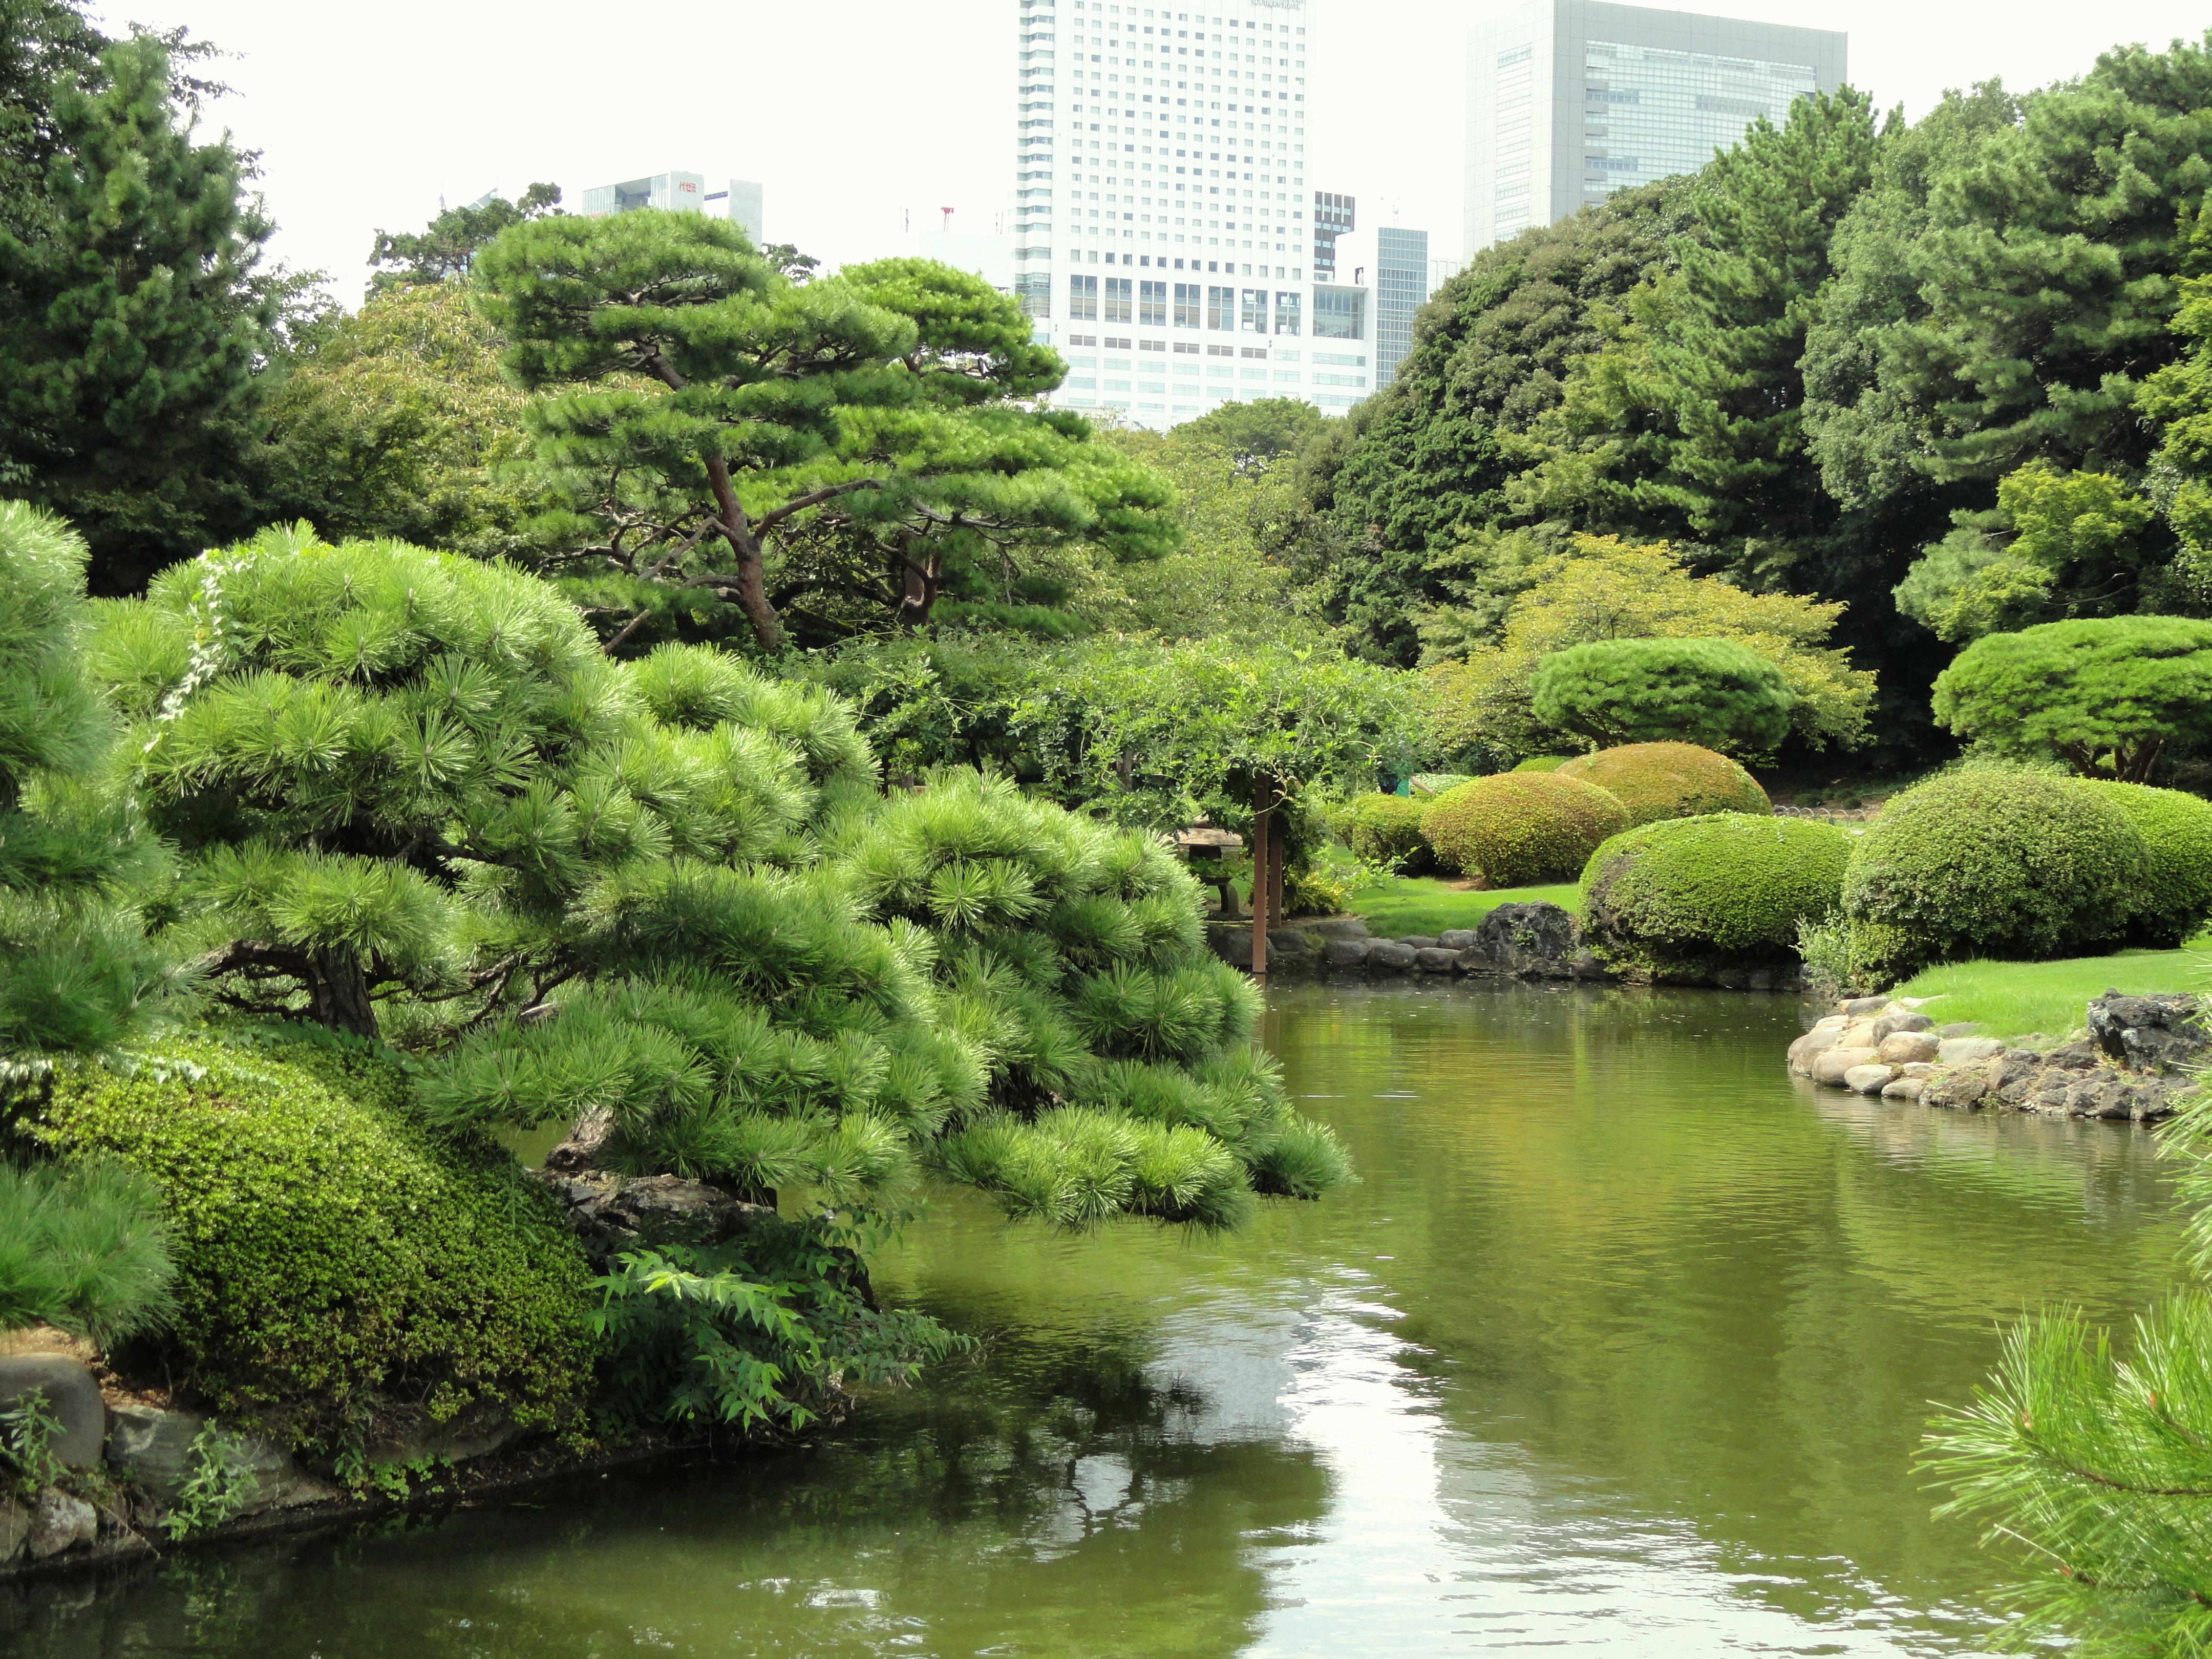 File:Shinjuku Gyoen National Garden - DSC05103.JPG - Wikimedia Commons